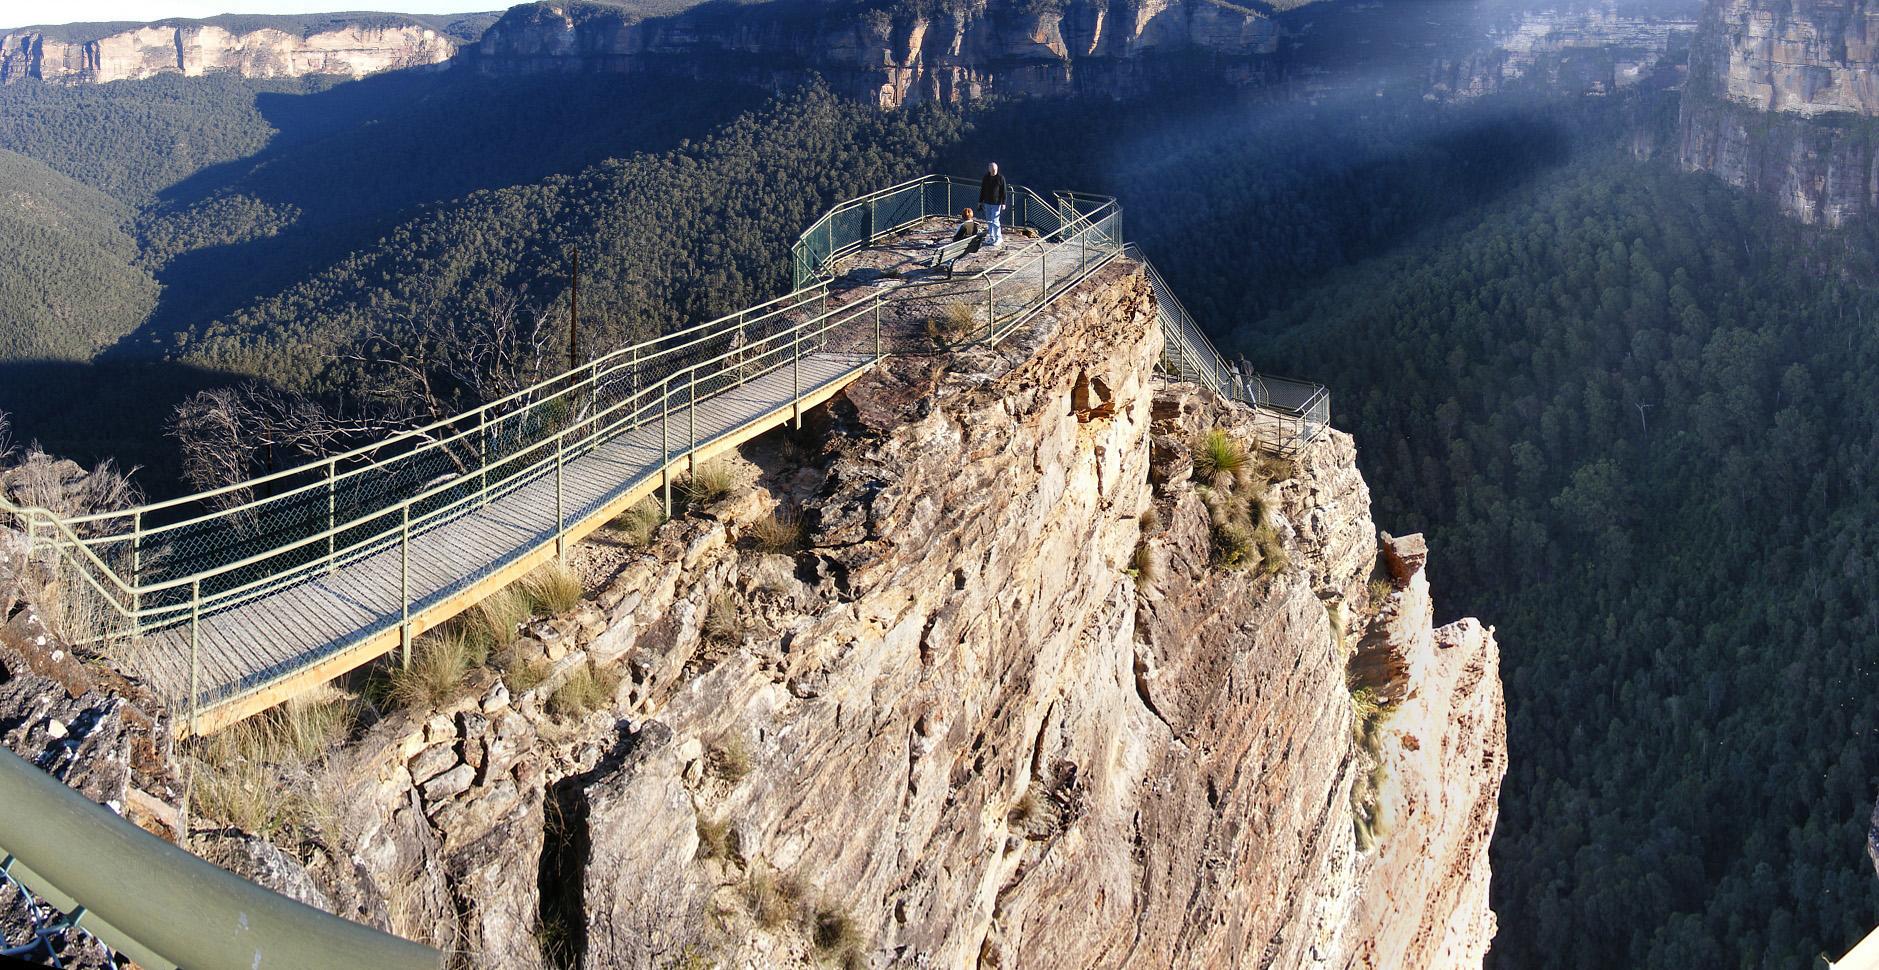 Qué hacer en Nueva Gales del Sur - Lugares para visitar, cosas que hacer, Excursiones